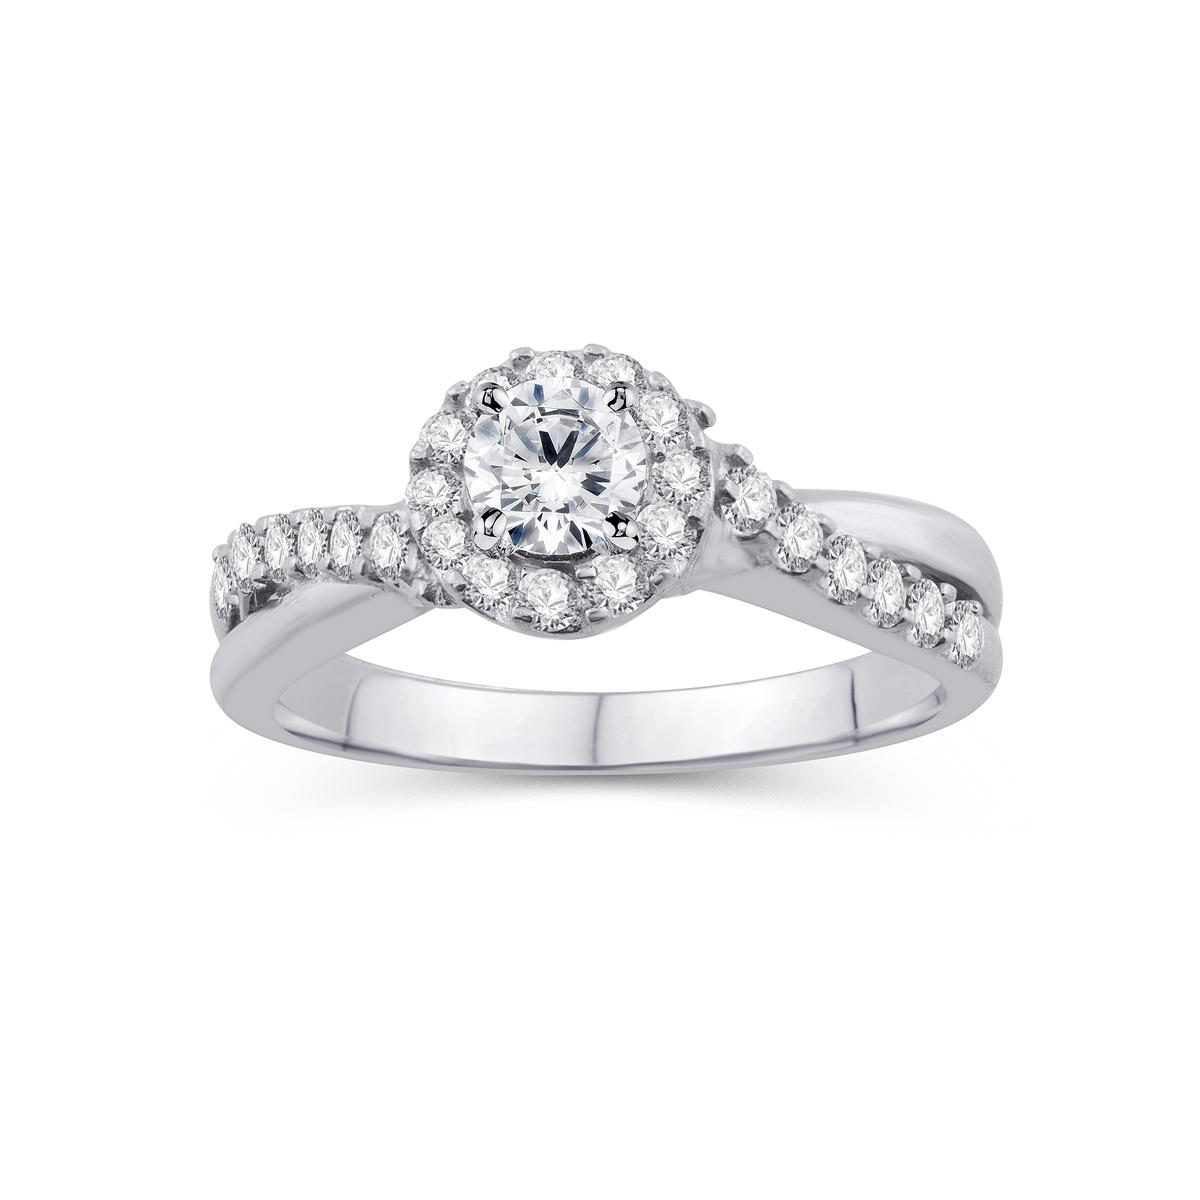 Paramount Gems 14 Karat White Gold Diamond Ring